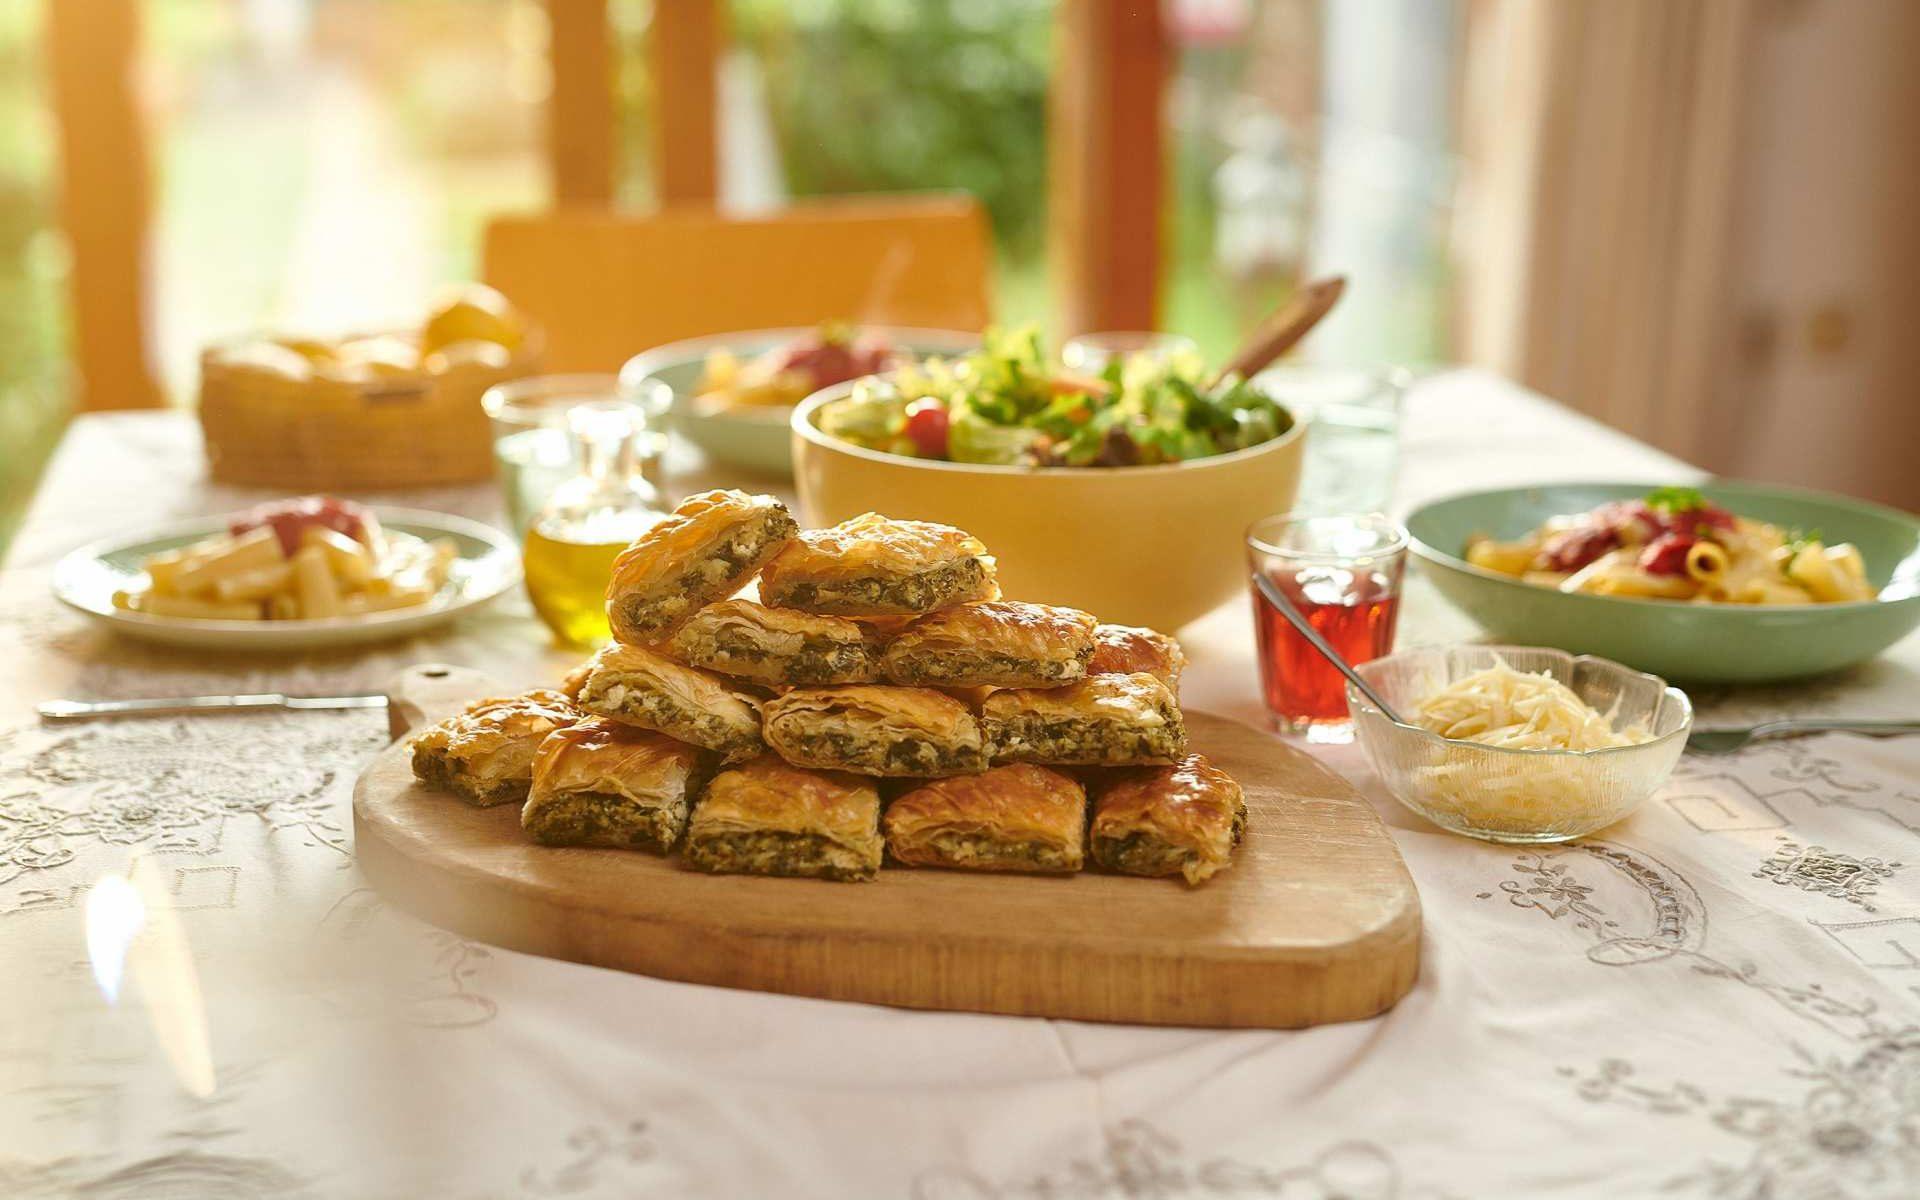 Χορευτή Πίτα με σπανάκι, μυζήθρα, πράσο και φέτα Χρυσή Ζύμη